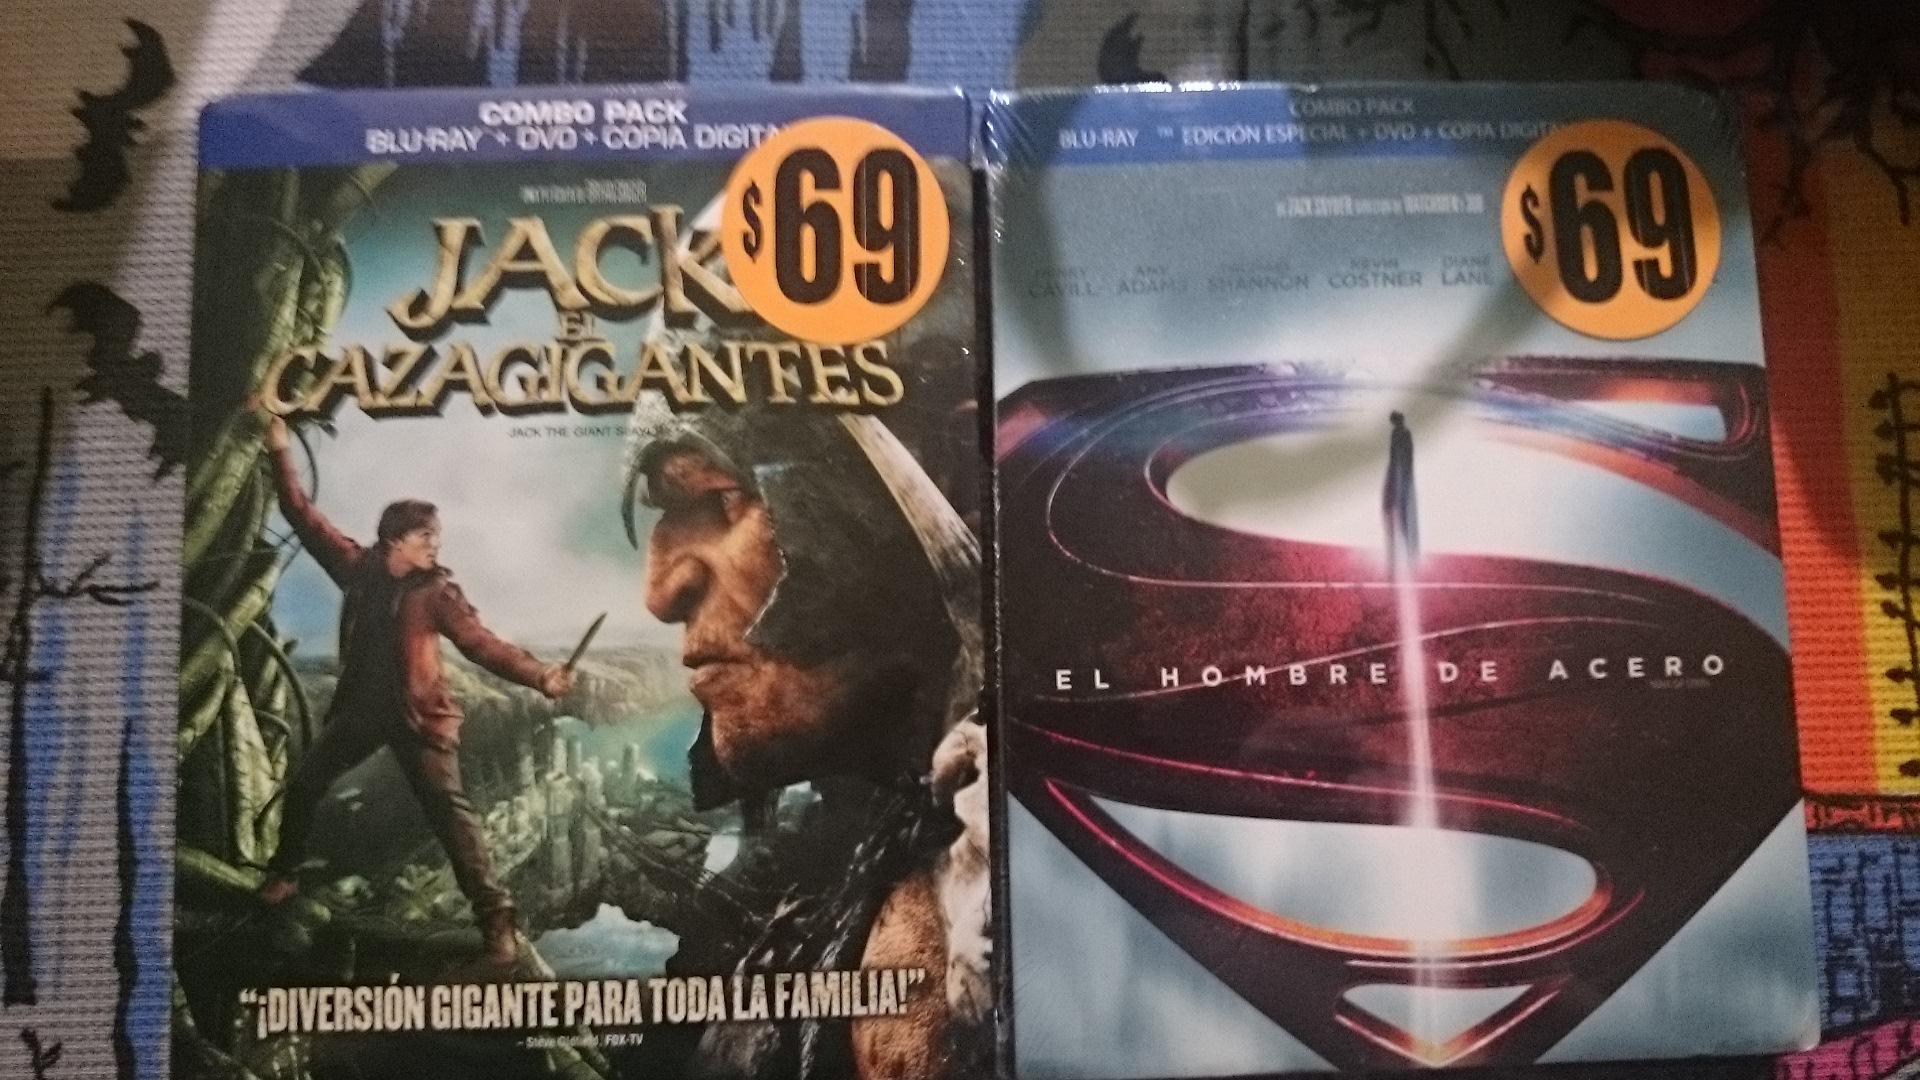 Walmart: Bluray+DVD+Copia Digital de El hombre de acero o Jack cazagigantes $69